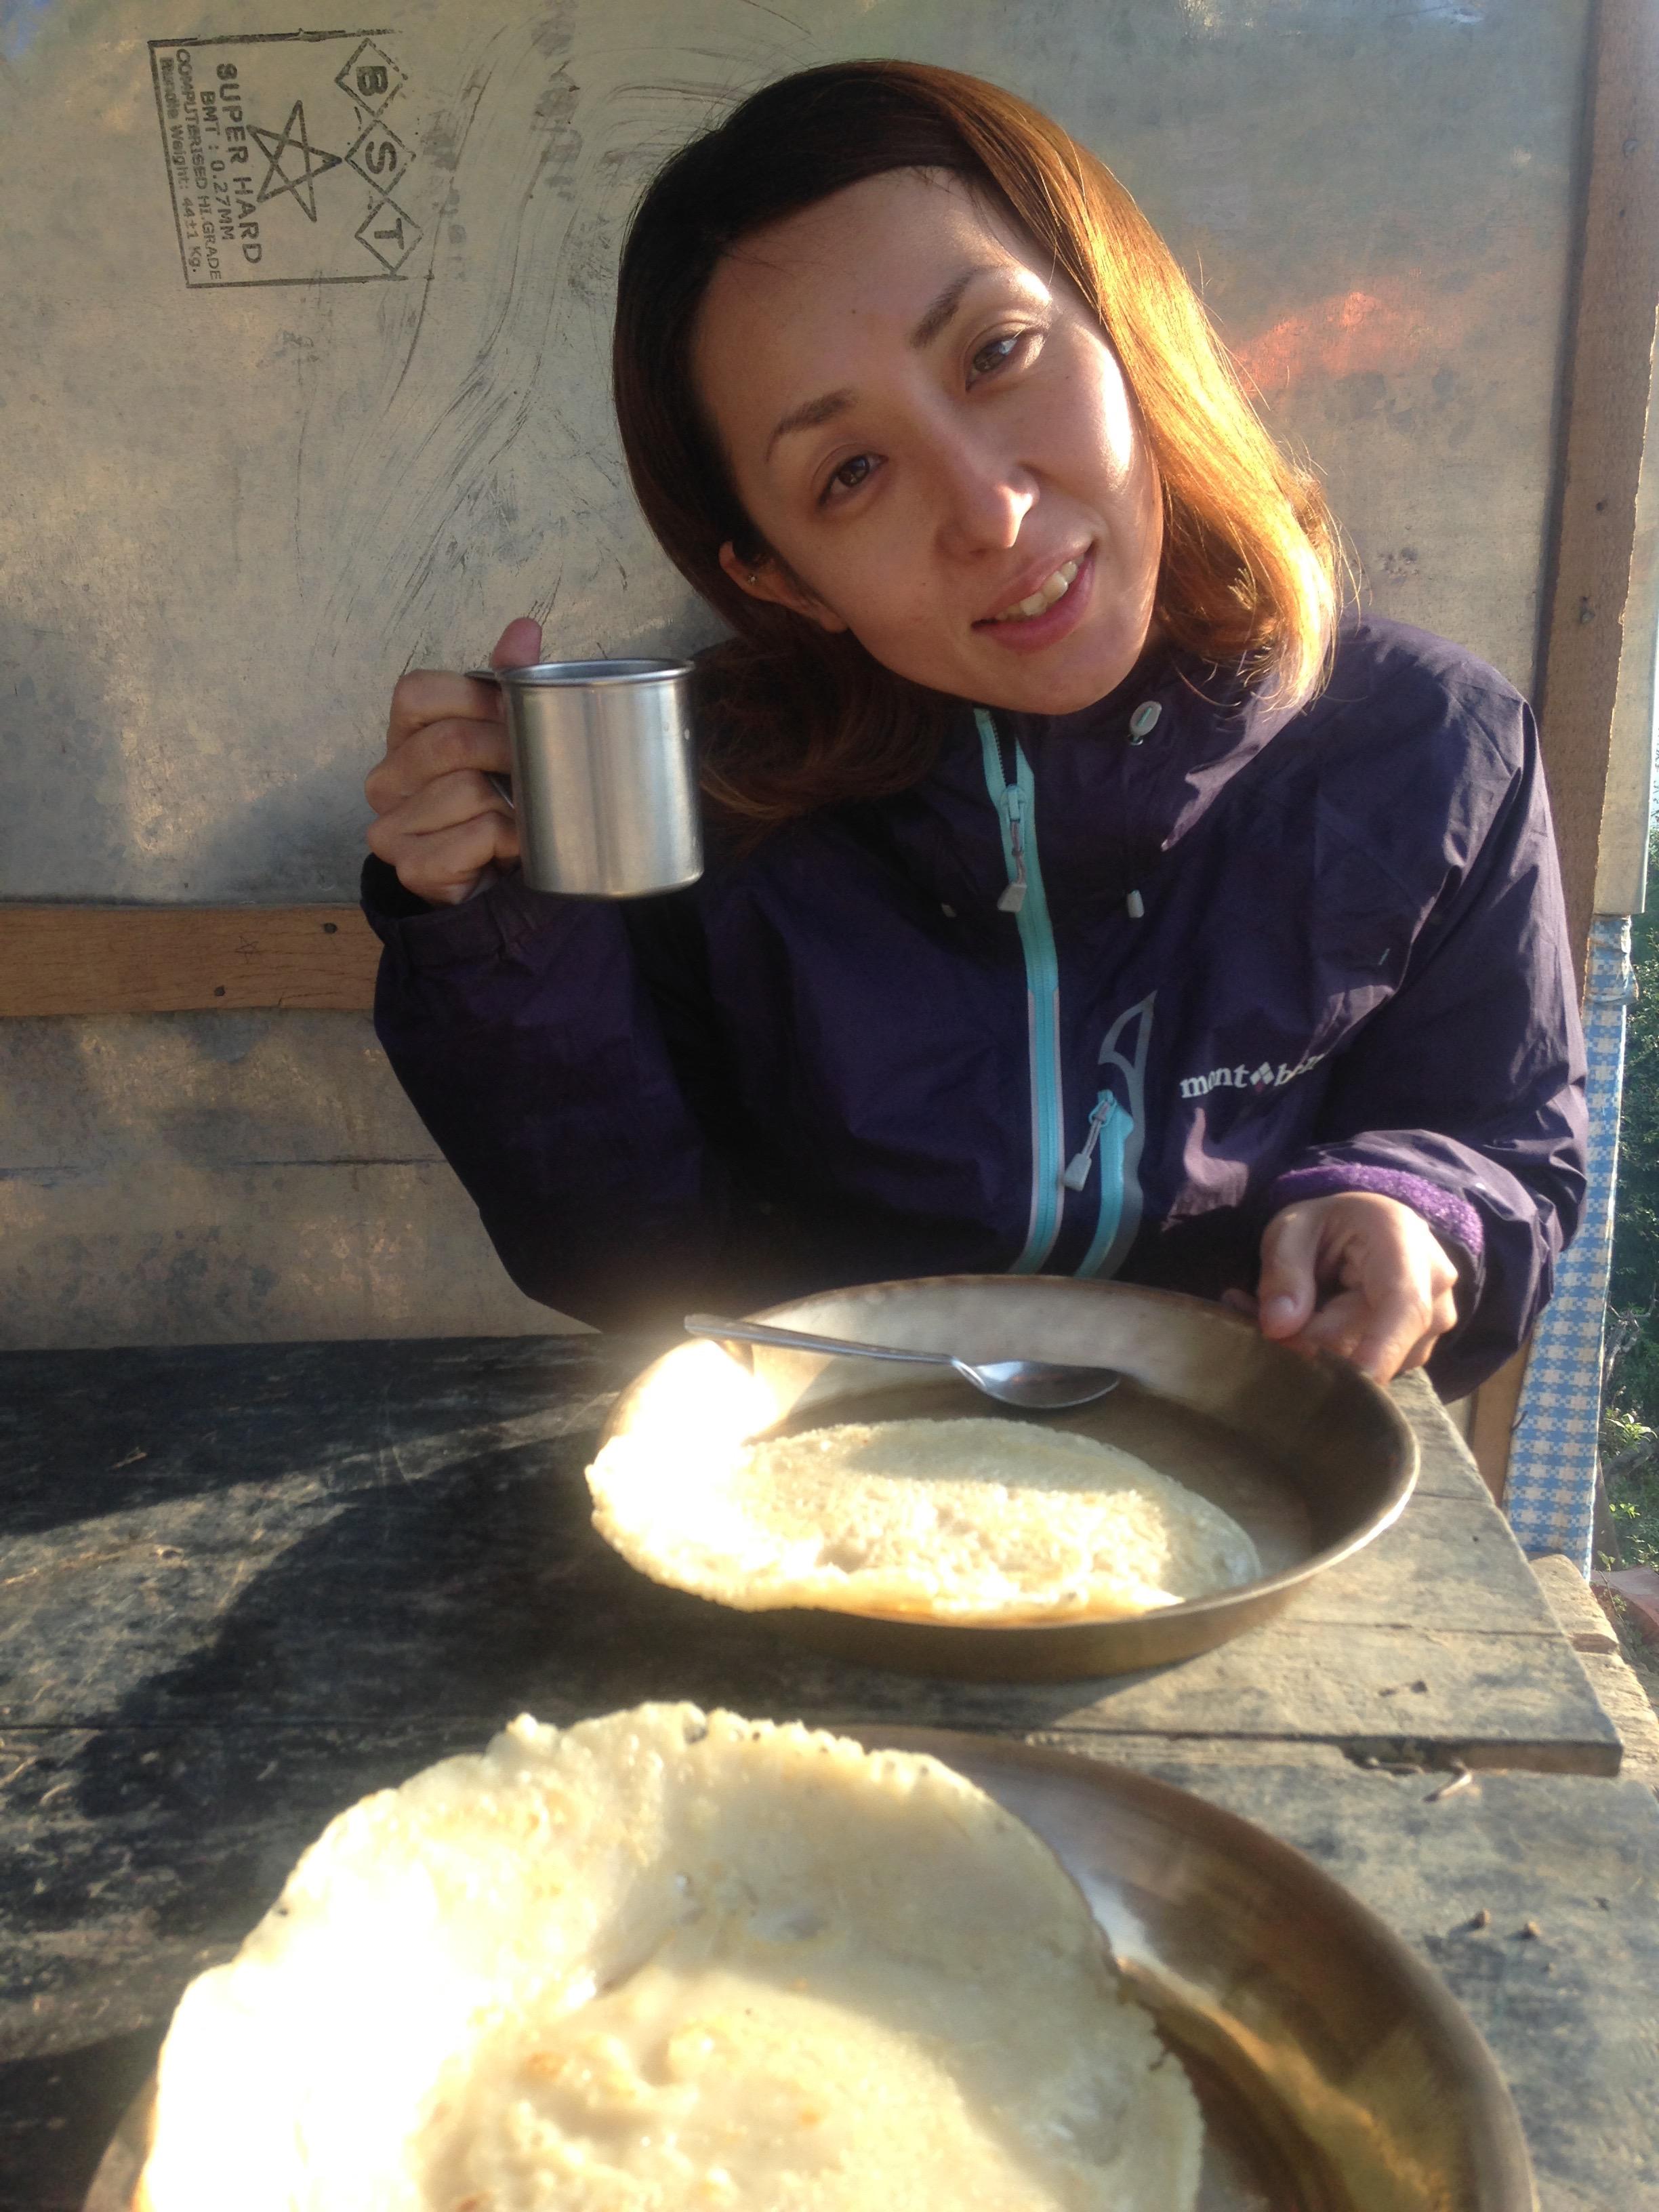 ダンプス トレッキング 小学校 ポカラ ネパール 世界一周 旅 ブログ バイク アンナプルナ ダンプス 朝ごはん